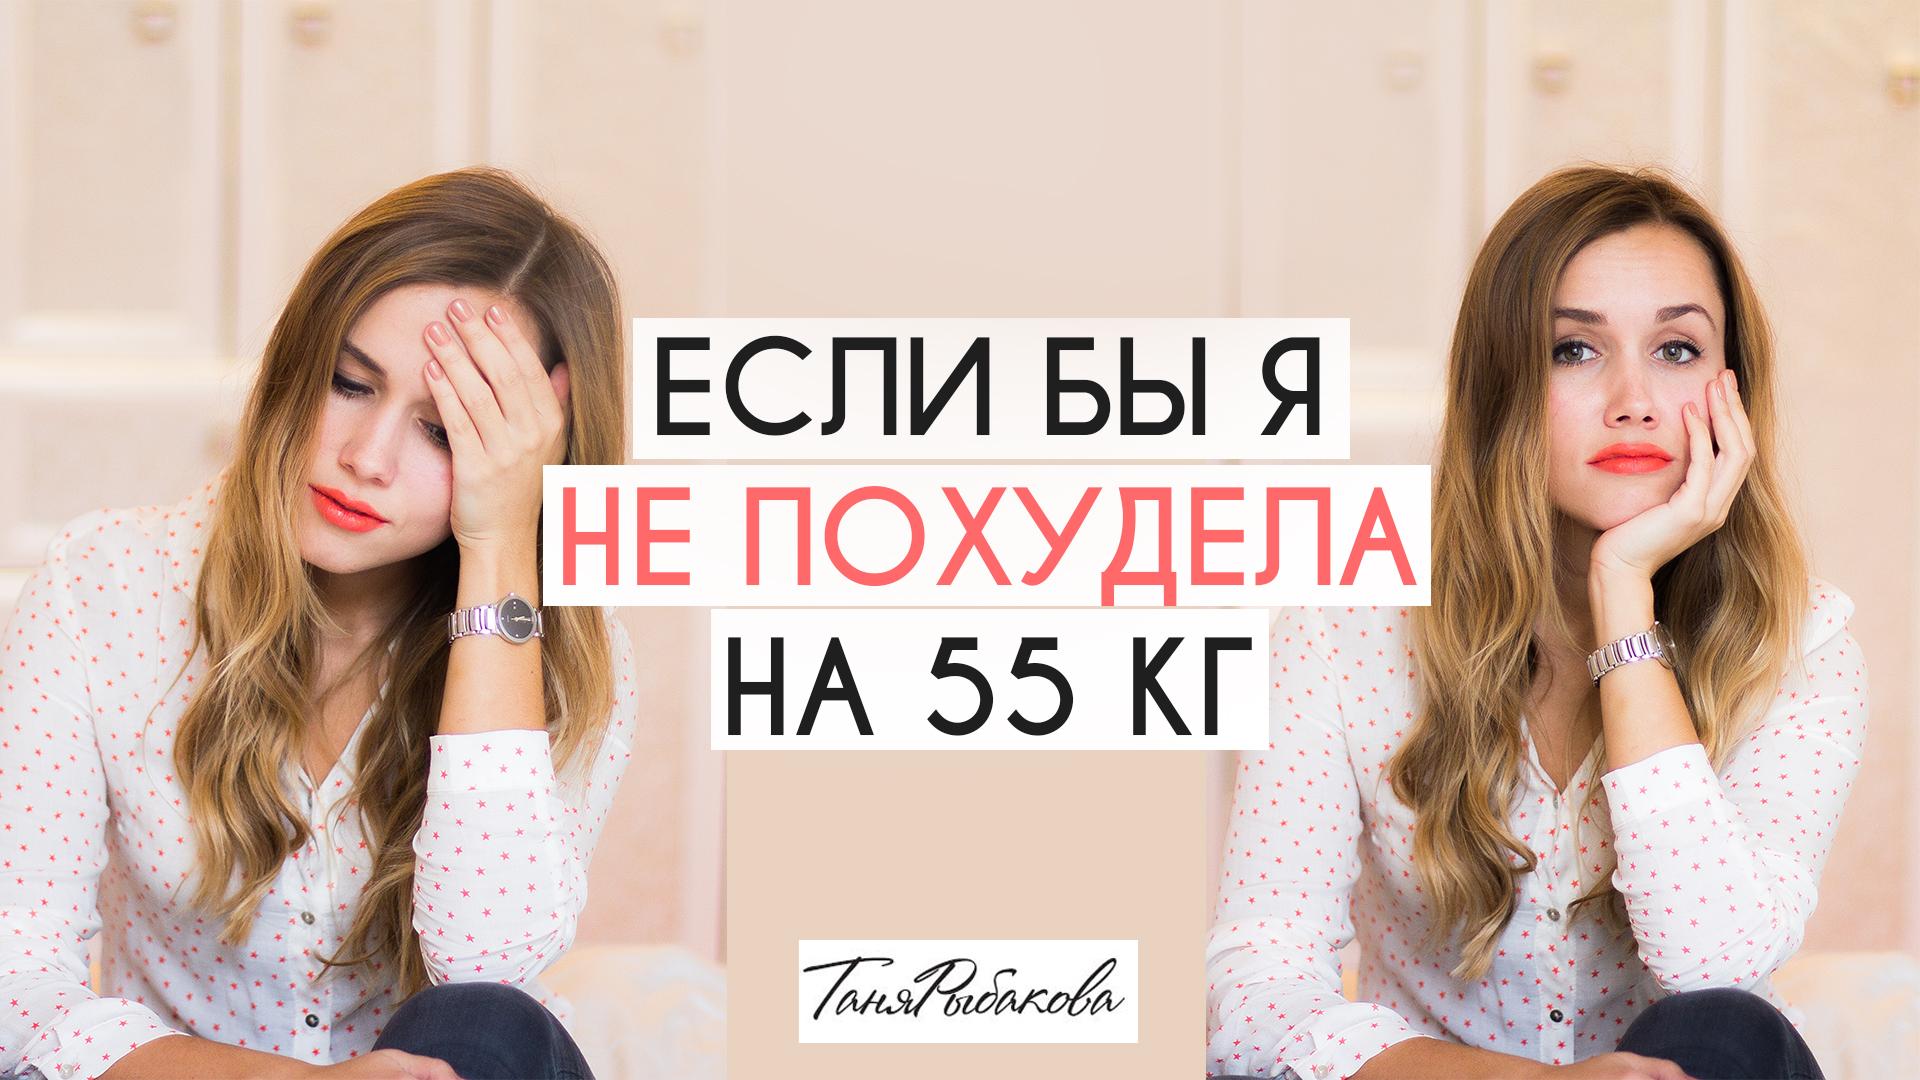 oblojka_ne pohydela